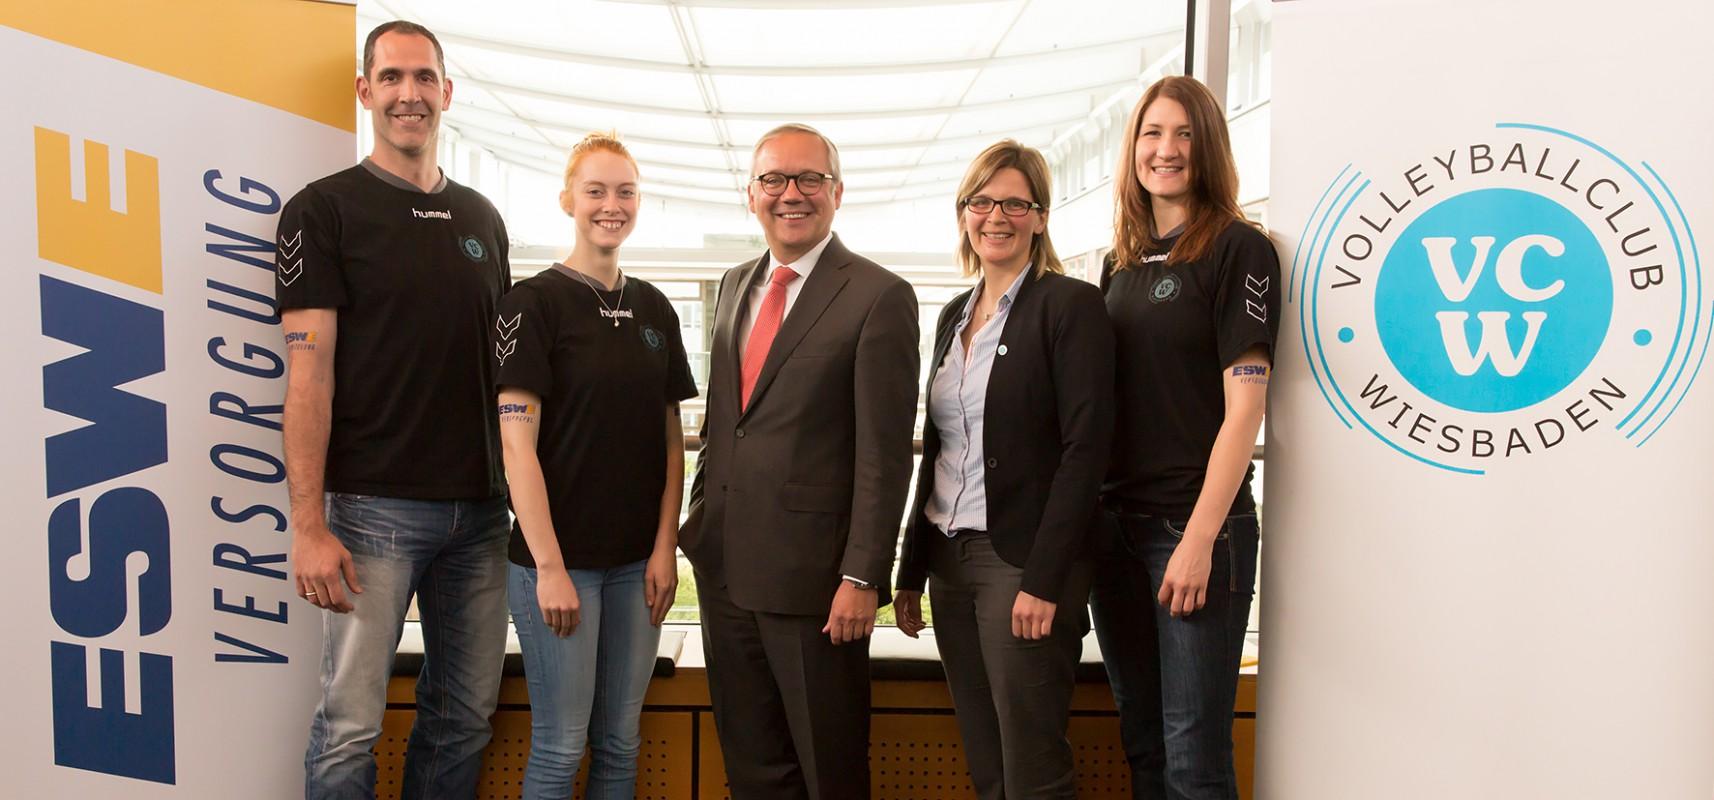 VC Wiesbaden startet international im CEV-Cup, da ESWE Versorgungs AG die Teilnahme möglich macht - Foto: Detlef Gottwald